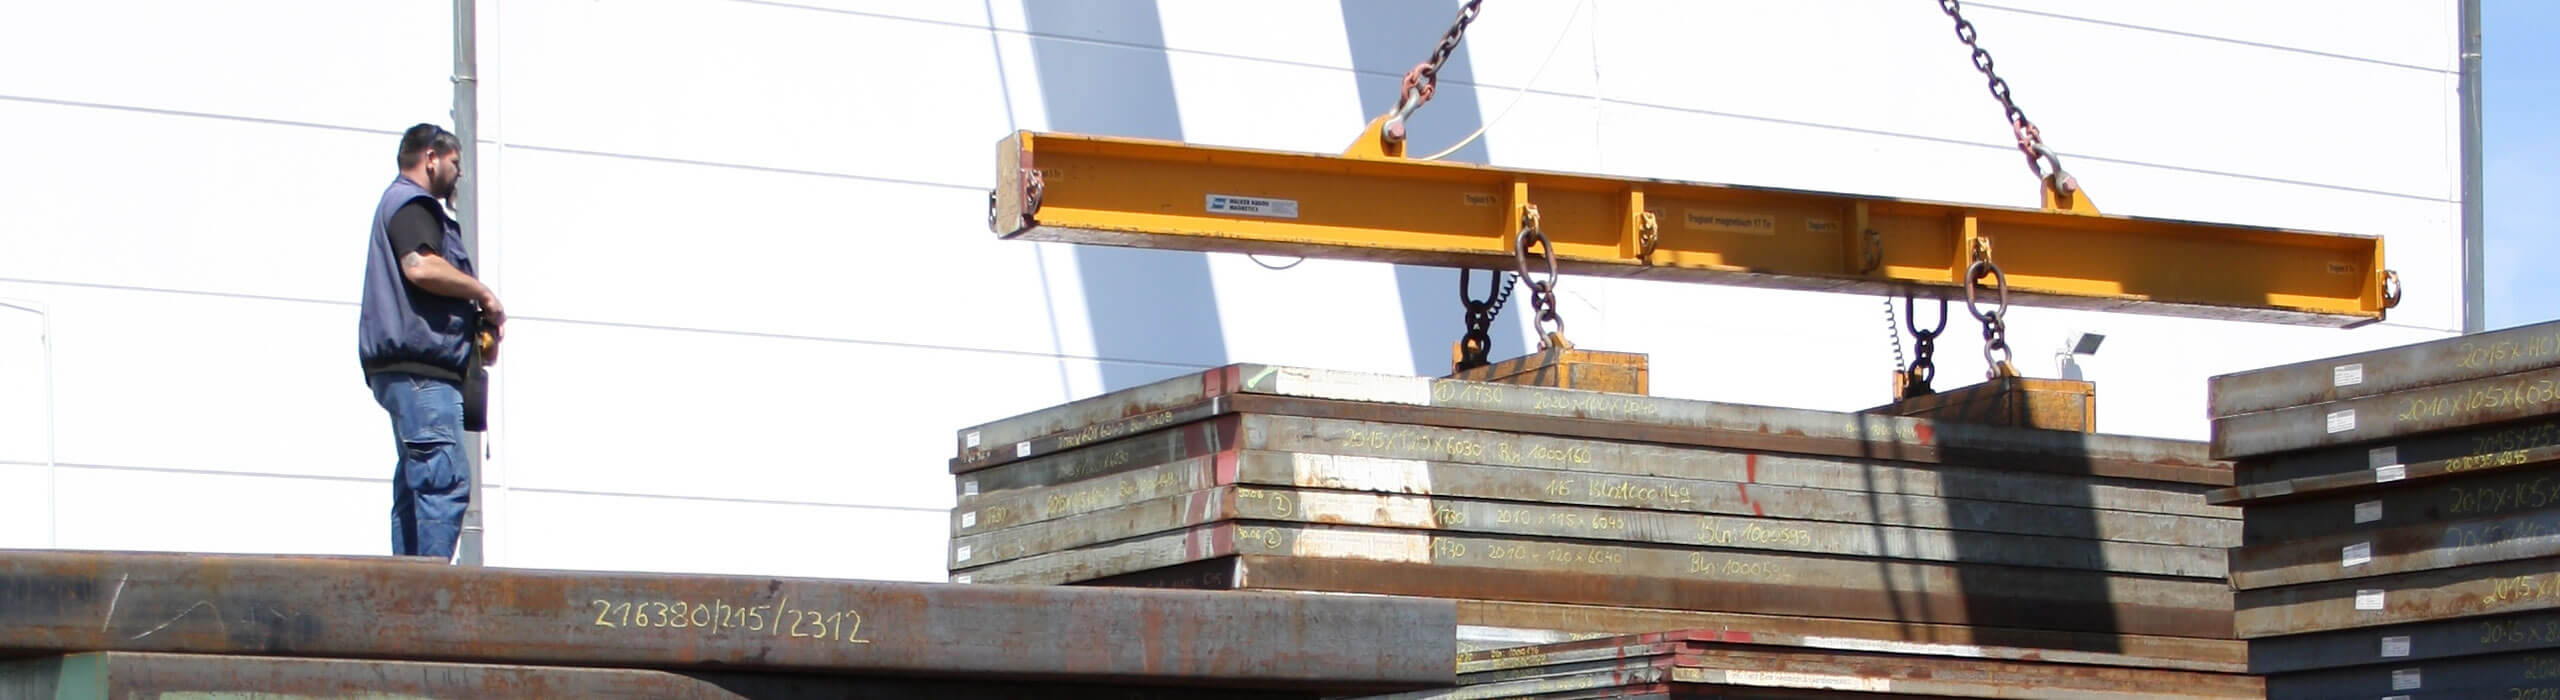 RSB-Stahl-Fertigungsleistungen-Maschinenbau_Werkzeugbau-Saegebetrieb-3